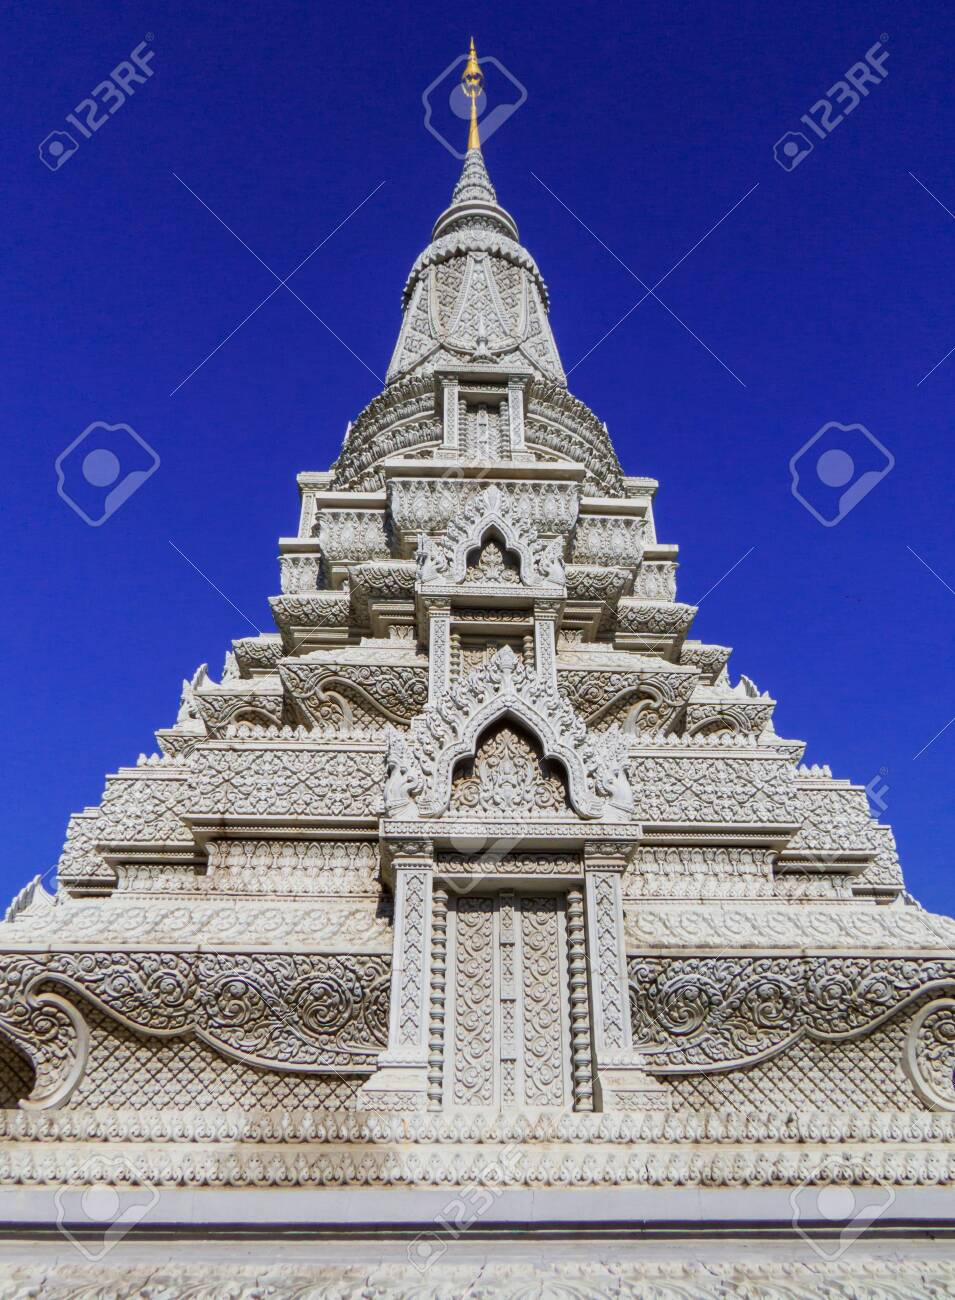 Phnom Penh, Cambodia - January 9, 2020: View of the Silver Pagoda. - 151449113